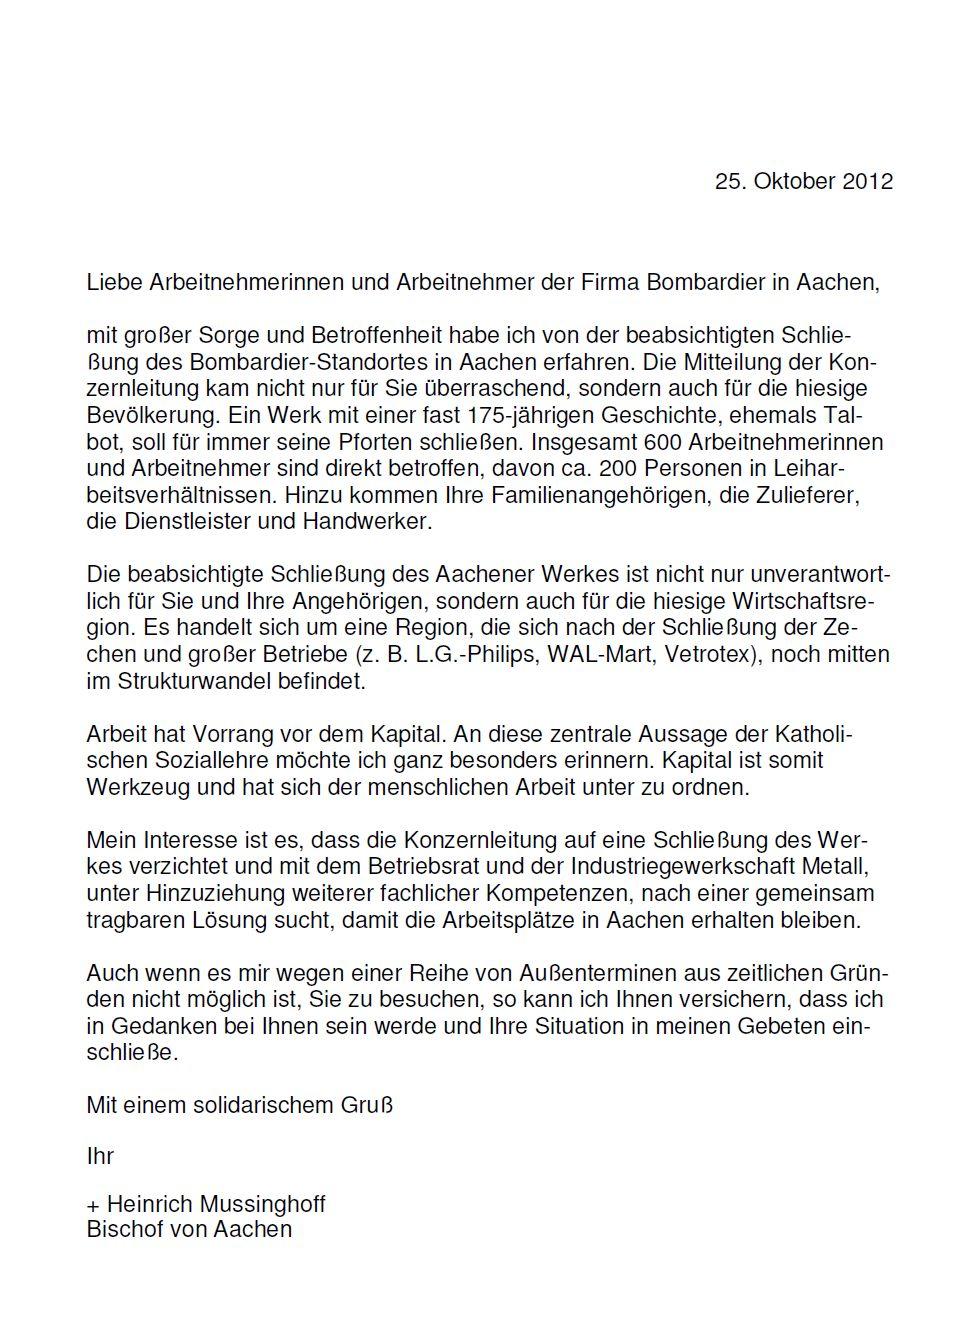 Solidaritätserklärung des Aachener Bischofs